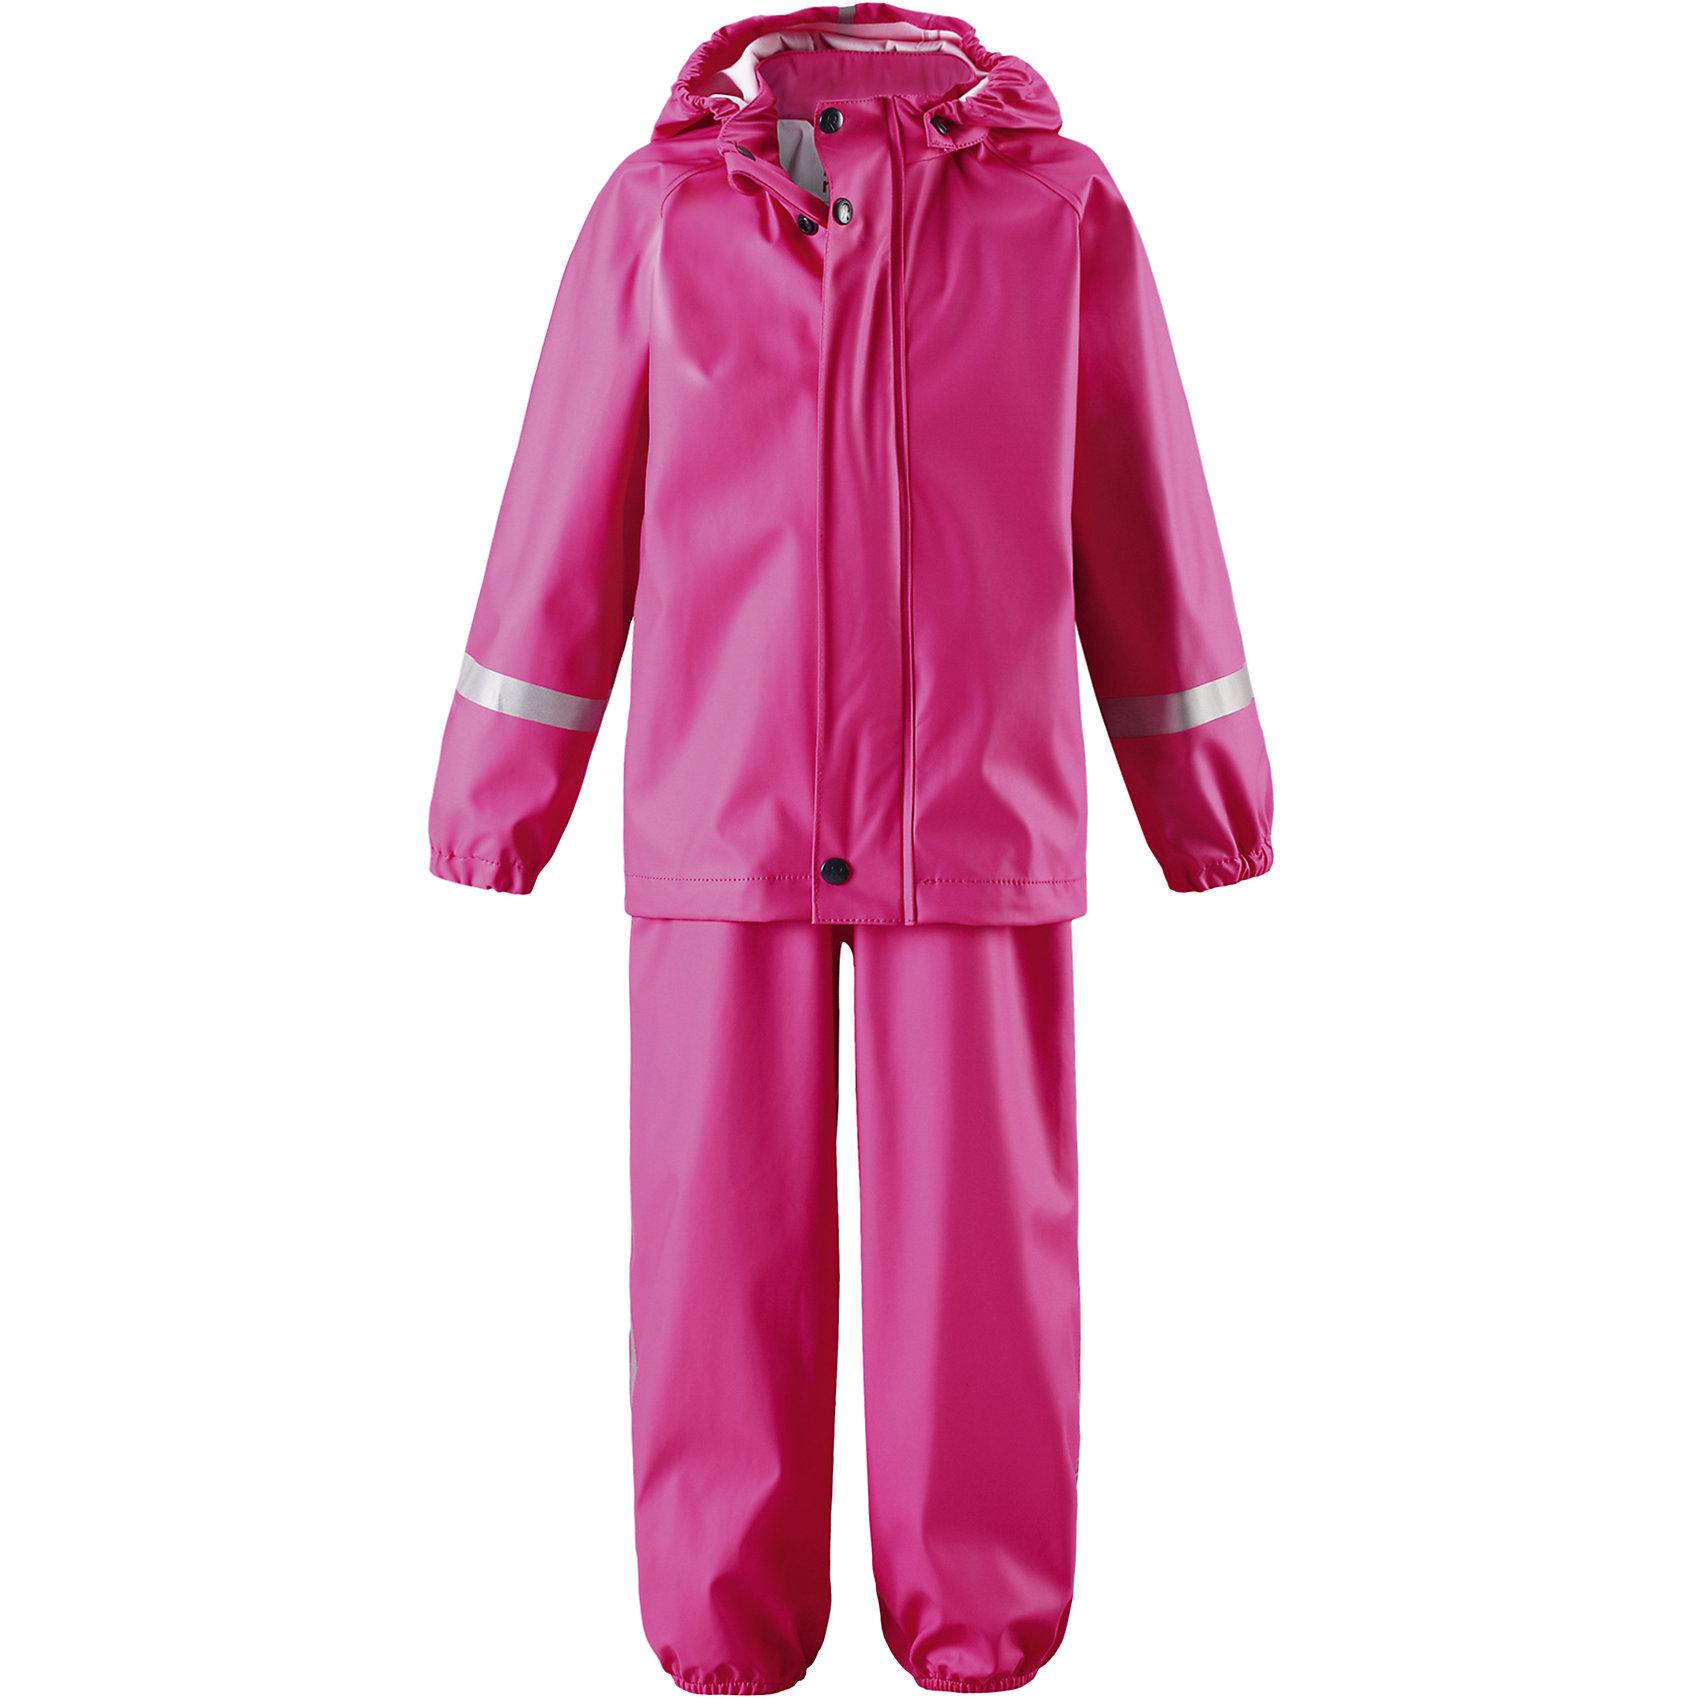 Непромокаемый комплект Tihku: куртка и брюки для девочки ReimaОдежда<br>Характеристики товара:<br><br>• цвет: розовый<br>• состав: 100% полиэстер, полиуретановое покрытие<br>• температурный режим: от +10°до +20°С<br>• водонепроницаемость: 10000 мм<br>• без утеплителя<br>• комплектация: куртка, штаны<br>• водонепроницаемый материал с запаянными швами<br>• эластичный материал<br>• не содержит ПВХ<br>• безопасный съемный капюшон<br>• эластичные манжеты <br>• регулируемая талия<br>• эластичные манжеты на брючинах<br>• комфортная посадка<br>• съемные эластичные штрипки <br>• регулируемые подтяжки<br>• спереди застёгивается на молнию<br>• светоотражающие детали<br>• страна производства: Китай<br>• страна бренда: Финляндия<br>• коллекция: весна-лето 2017<br><br>Демисезонный комплект из куртки и штанов поможет обеспечить ребенку комфорт и тепло. Предметы отлично смотрятся с различной одеждой. Комплект удобно сидит и модно выглядит. Материал отлично подходит для дождливой погоды. Стильный дизайн разрабатывался специально для детей.<br><br>Обувь и одежда от финского бренда Reima пользуются популярностью во многих странах. Они стильные, качественные и удобные. Для производства продукции используются только безопасные, проверенные материалы и фурнитура.<br><br>Комплект: куртка и брюки для мальчика от финского бренда Reima (Рейма) можно купить в нашем интернет-магазине.<br><br>Ширина мм: 356<br>Глубина мм: 10<br>Высота мм: 245<br>Вес г: 519<br>Цвет: розовый<br>Возраст от месяцев: 6<br>Возраст до месяцев: 9<br>Пол: Женский<br>Возраст: Детский<br>Размер: 74,80,86,92,98,104,110,116<br>SKU: 5265445